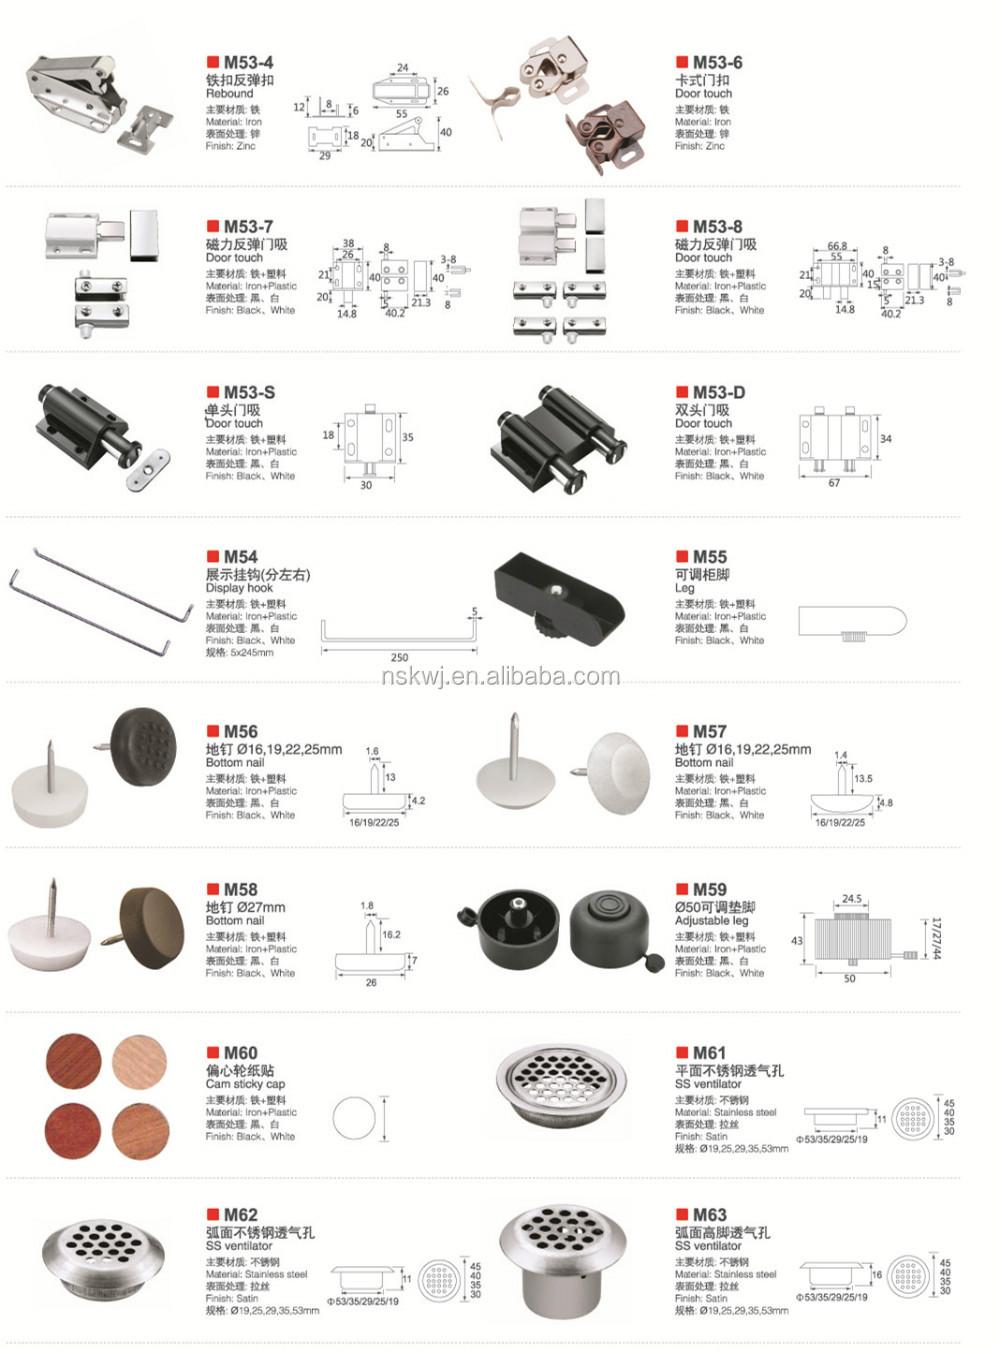 Mobili Magnete Push Porta Aperta Cattura Fermo Porta Magnete Per Cabinet